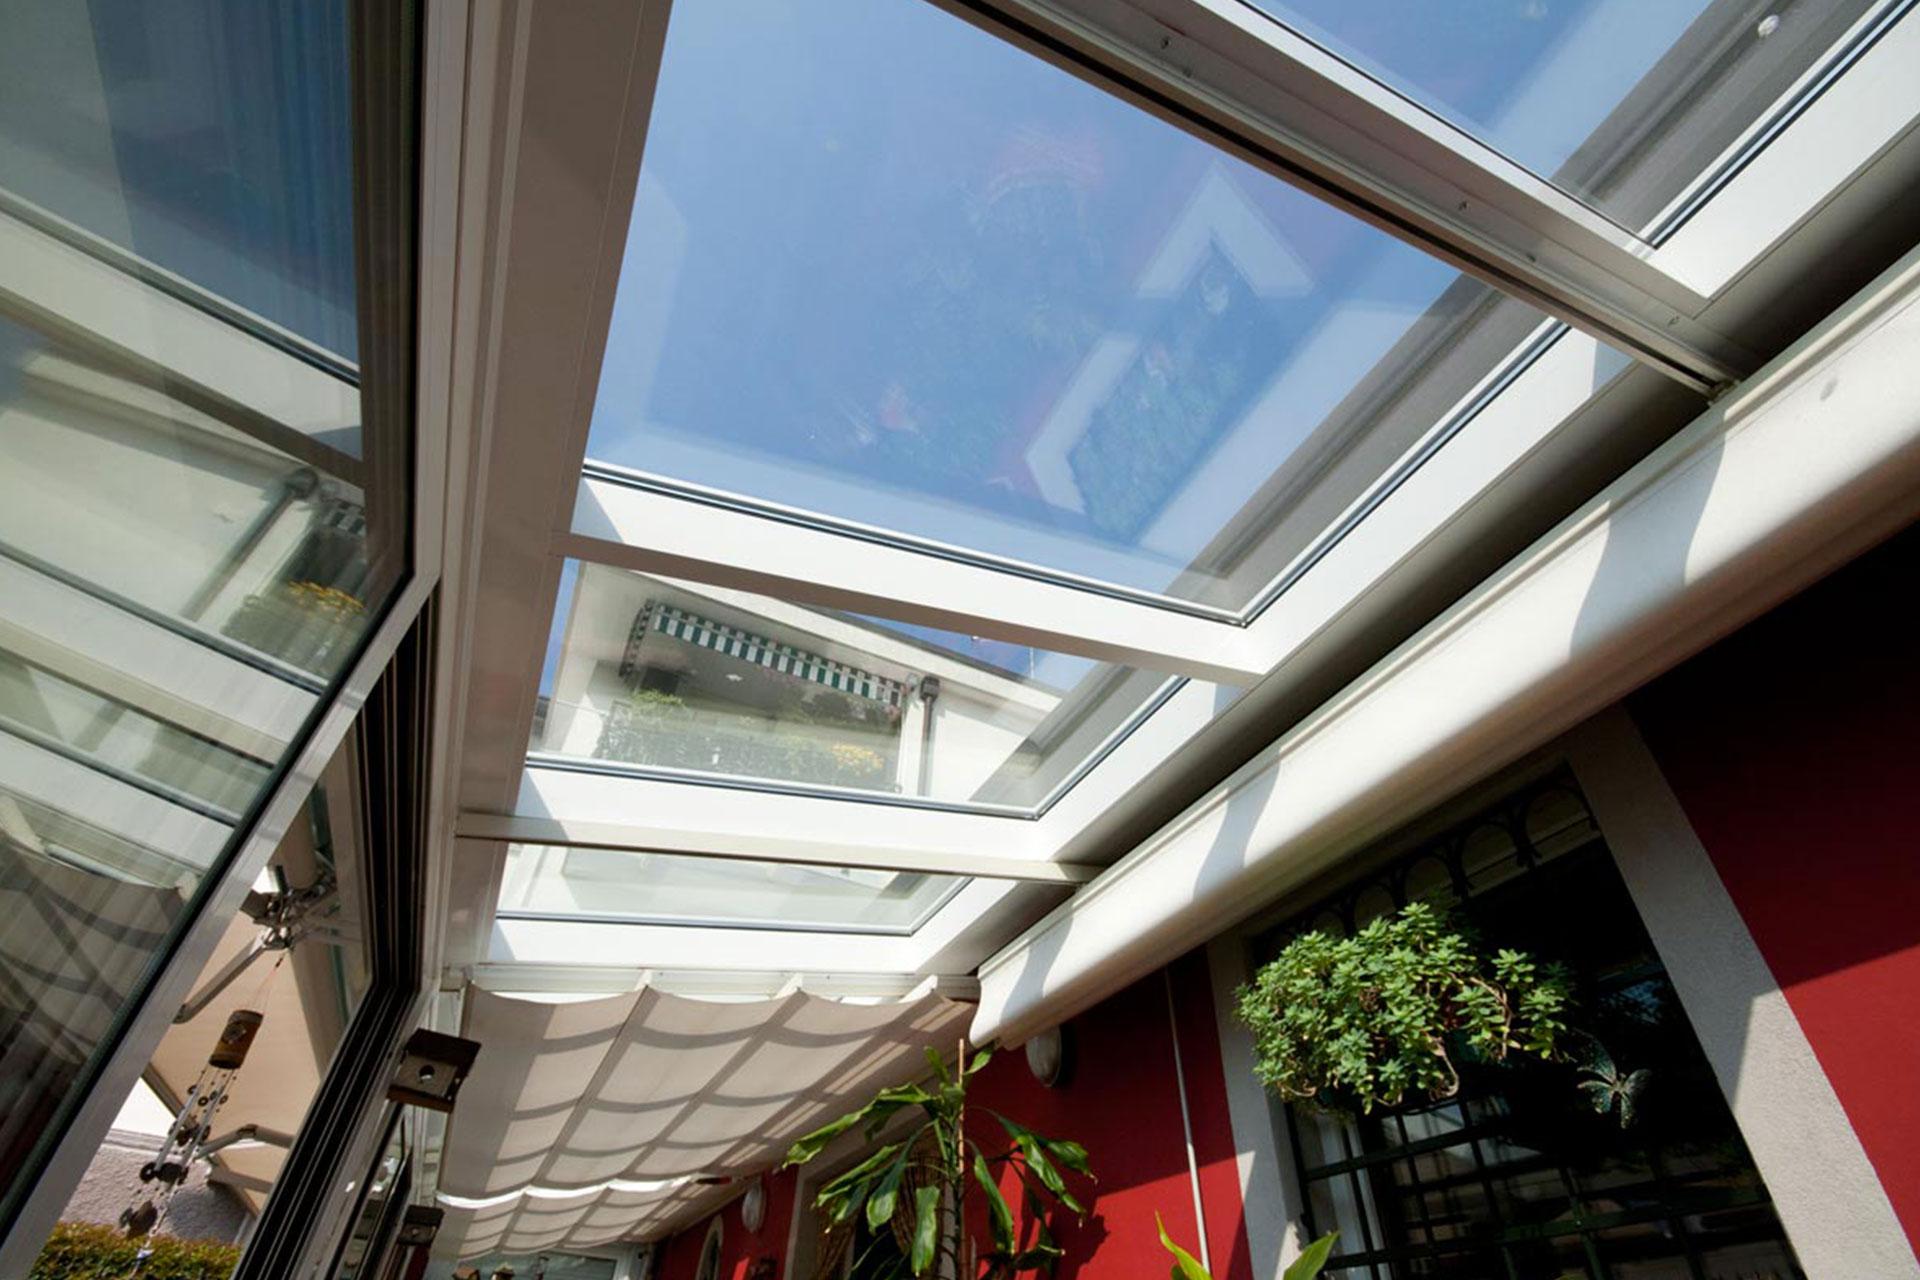 Veranda alluminio taglio termico bianco albo serramenti Udine